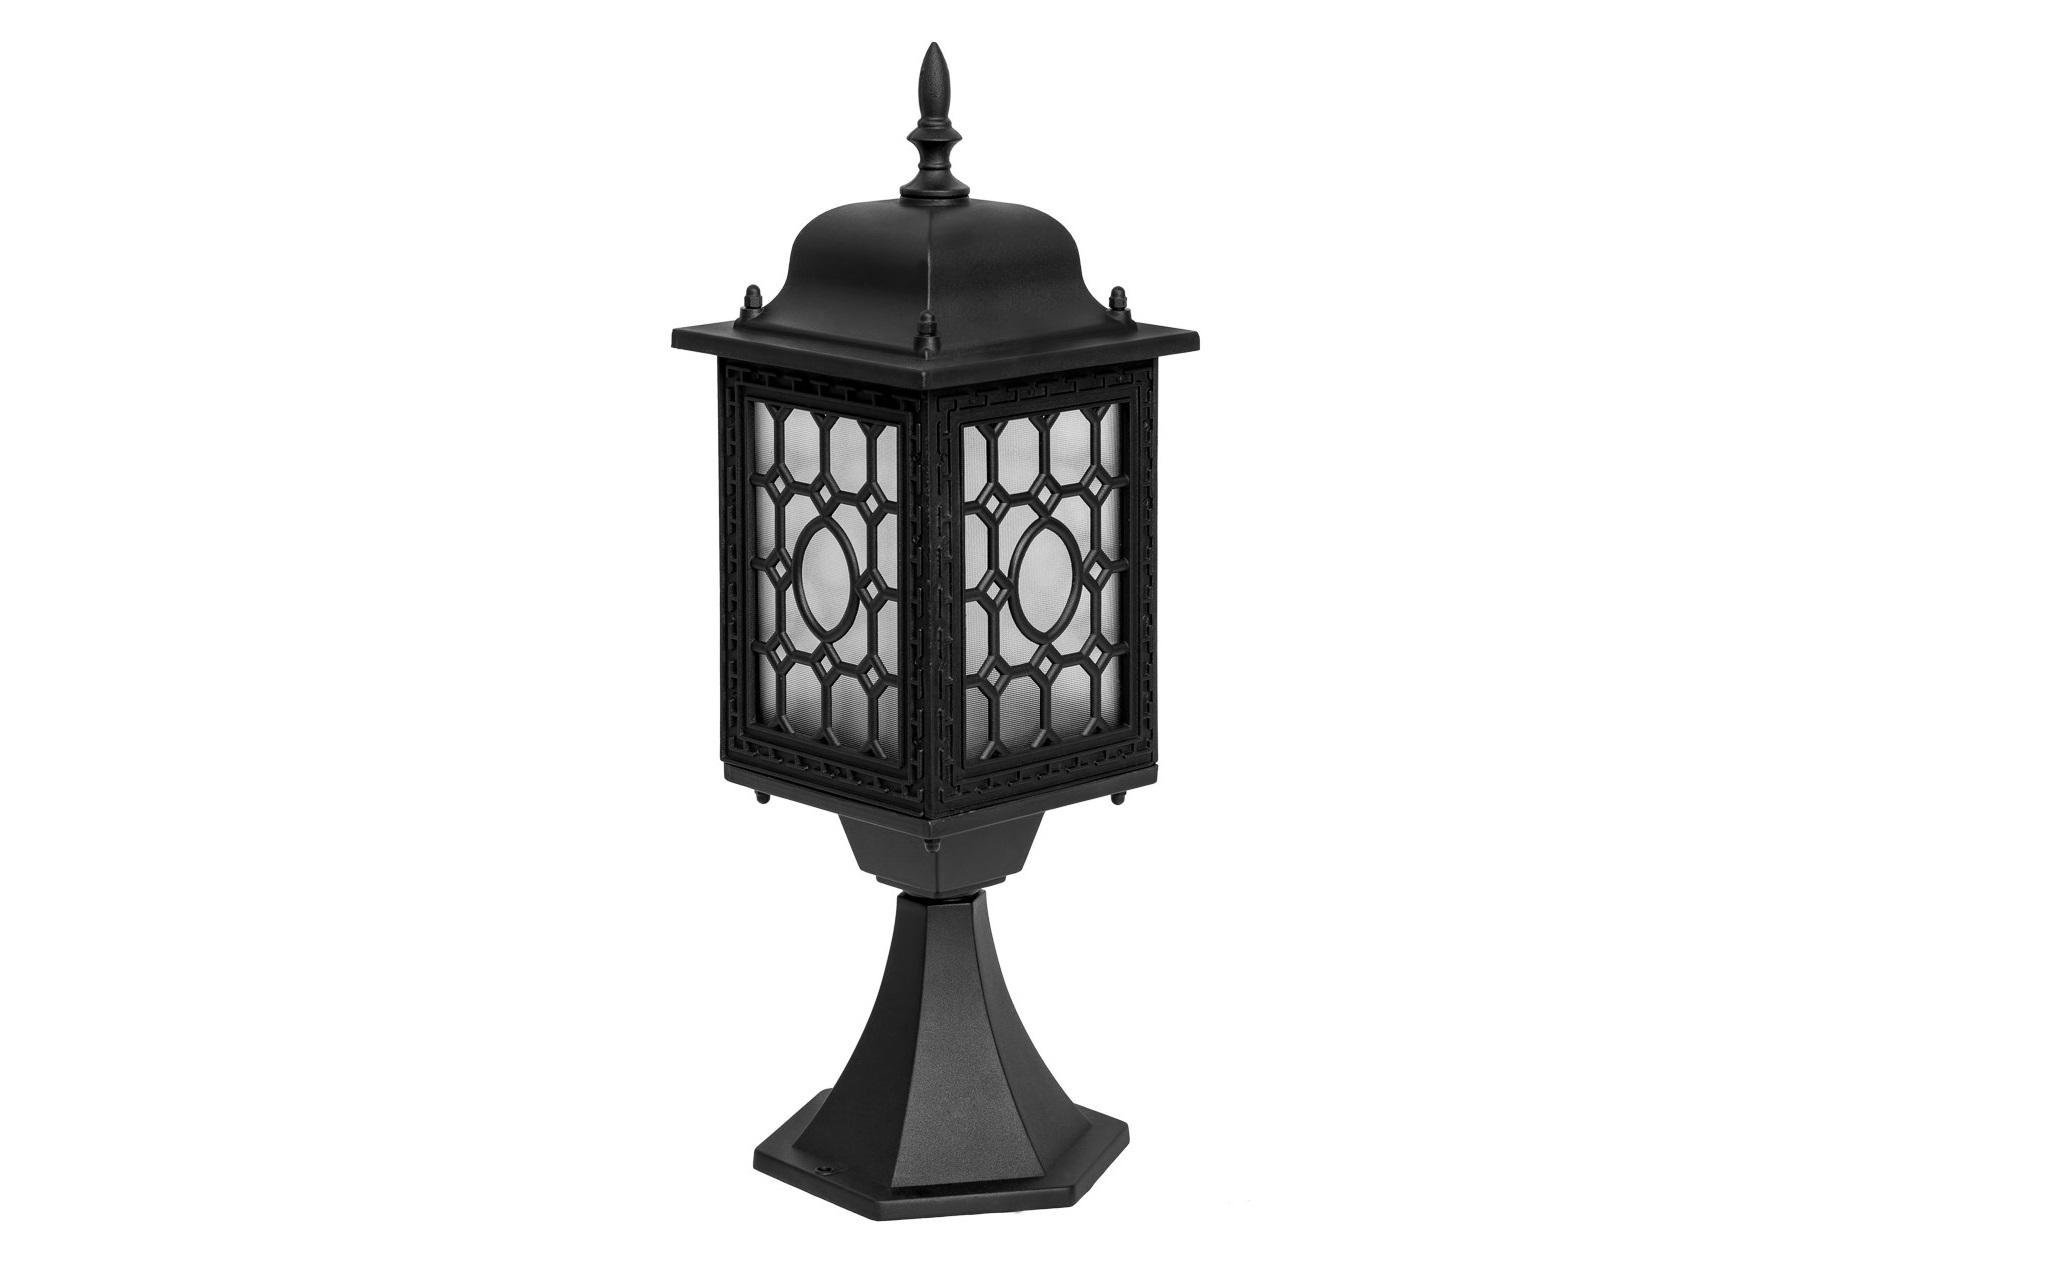 Уличный светильник ГлазгоУличные наземные светильники<br>&amp;lt;div&amp;gt;Строгость лондонского стиля прослеживается в очертаниях светильника из коллекции Глазго. Оригинальное оформление металлического каркаса, окрашенного в чёрный цвет, позволяет лучам света струиться через стеклянный плафон в виде традиционного геометрического рисунка. Коллекция уличных светильников из коллекции Глазго станет прекрасным композиционным элементом в оформлении продуманного экстерьера здания.&amp;lt;/div&amp;gt;&amp;lt;div&amp;gt;Основание из алюминия черного цвета, плафон из стекла&amp;lt;/div&amp;gt;&amp;lt;div&amp;gt;&amp;lt;br&amp;gt;&amp;lt;/div&amp;gt;&amp;lt;div&amp;gt;Мощность 1*95W&amp;lt;/div&amp;gt;&amp;lt;div&amp;gt;Цоколь E27&amp;lt;/div&amp;gt;&amp;lt;div&amp;gt;Степень защиты от влаги и пыли IP44&amp;lt;/div&amp;gt;<br><br>Material: Алюминий<br>Length см: 16<br>Width см: 16<br>Height см: 49